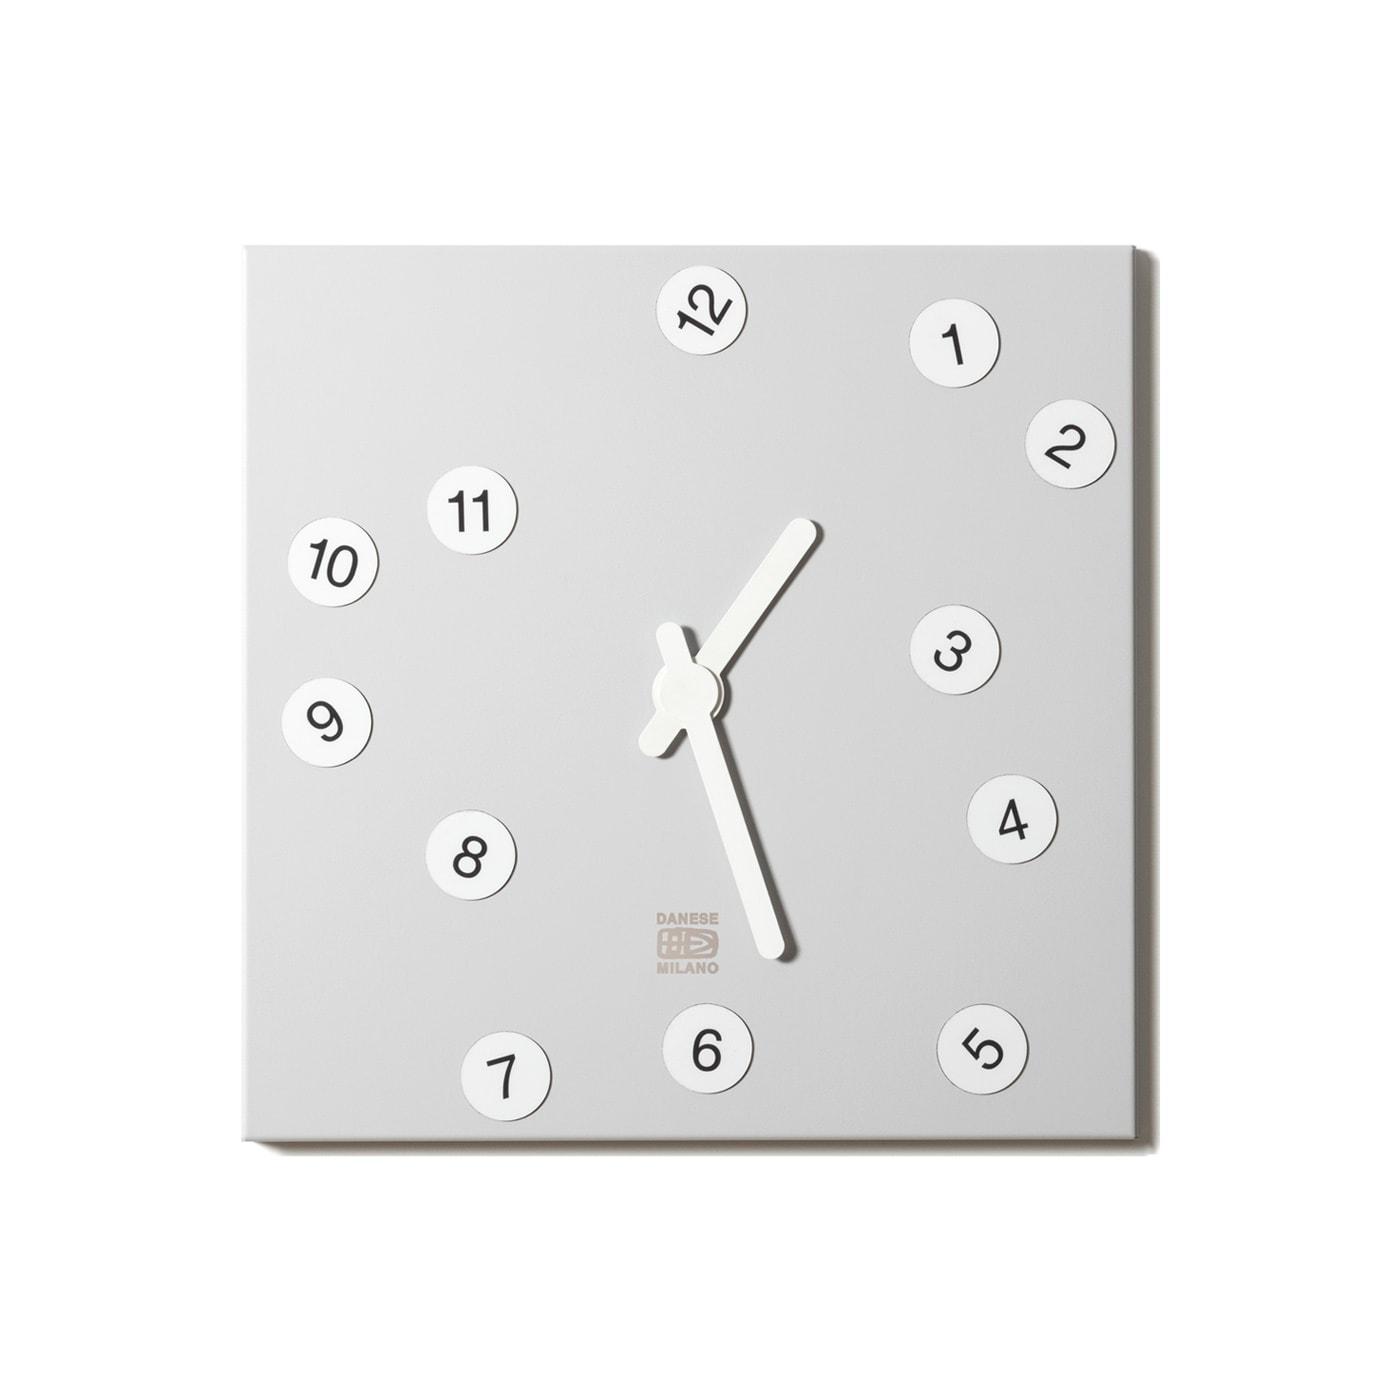 Danese Oramai orologio da parete con cifre magnetiche - vendita online